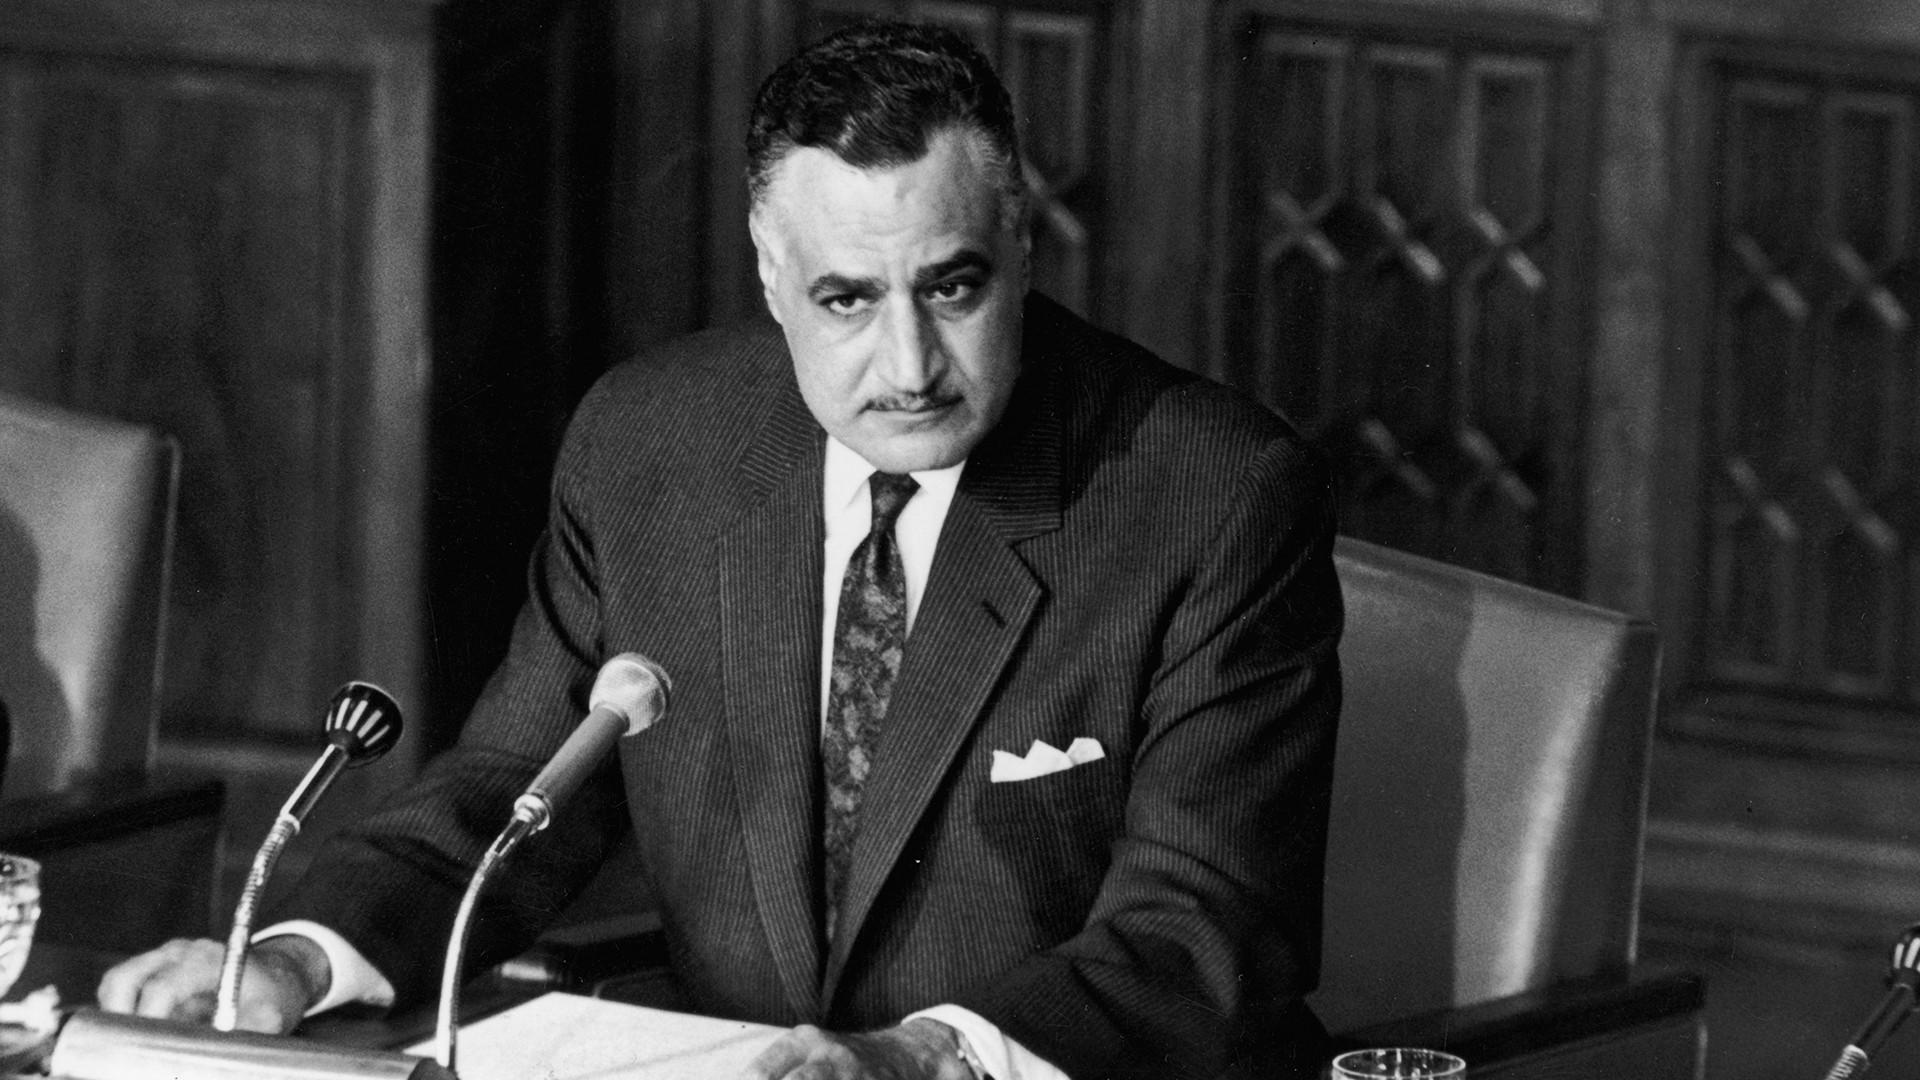 نكسة 67 وآثارها ومآلات حقبة عبد الناصر في مصر بعدها